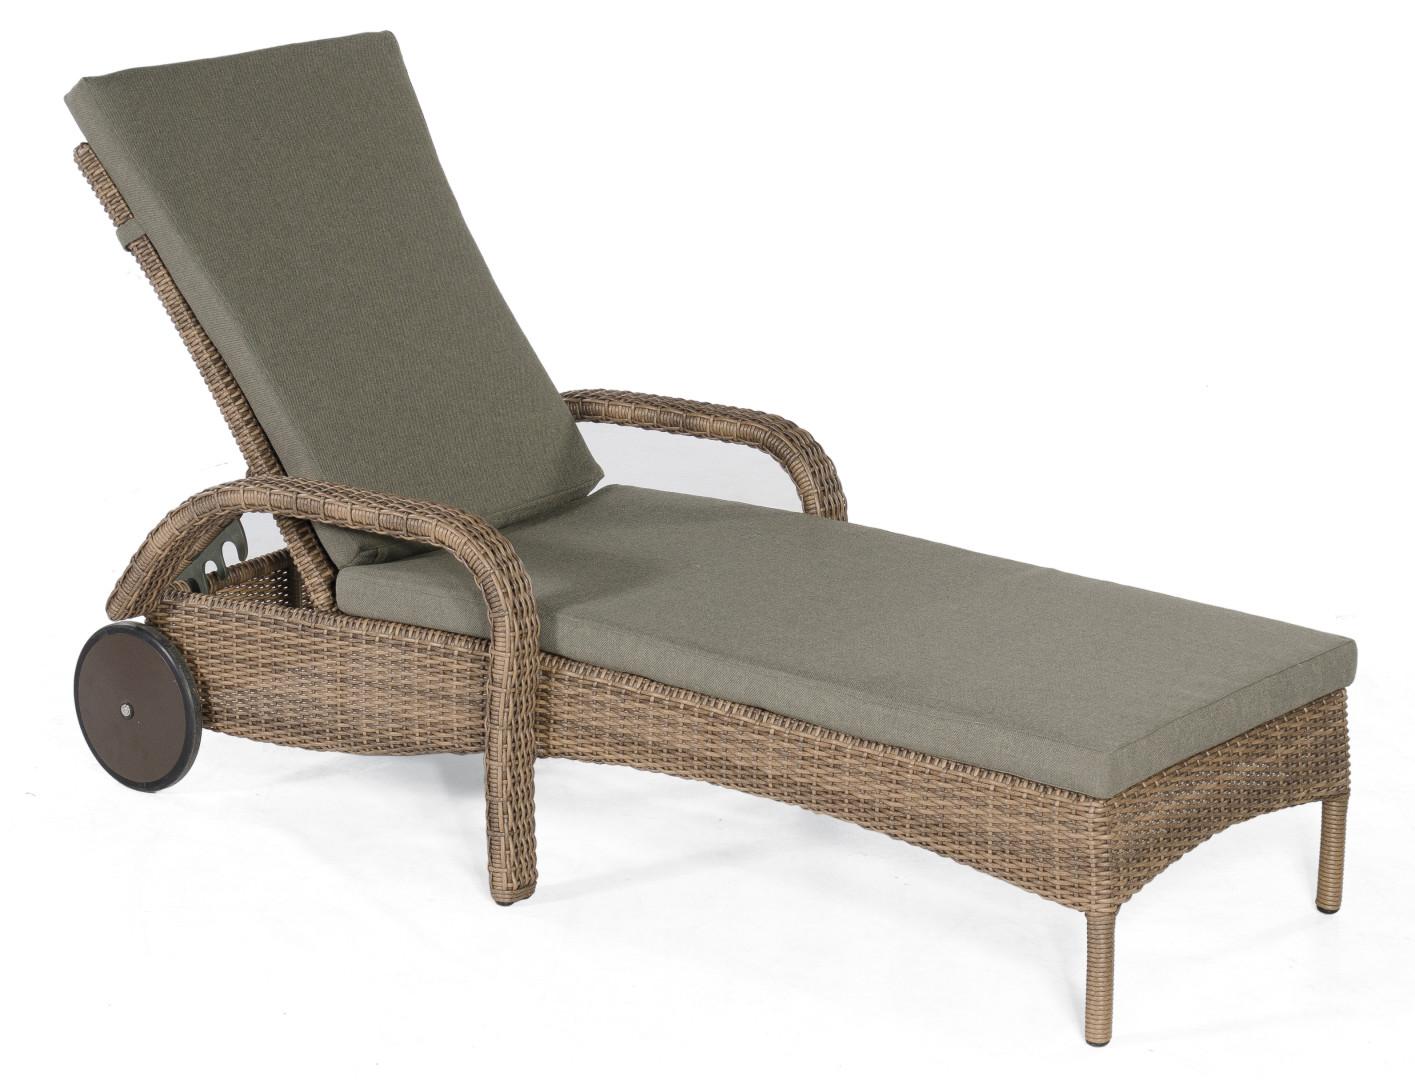 robuste geflecht gartenliege verstellbare r ckenlehne und laufrollen hochwertig. Black Bedroom Furniture Sets. Home Design Ideas